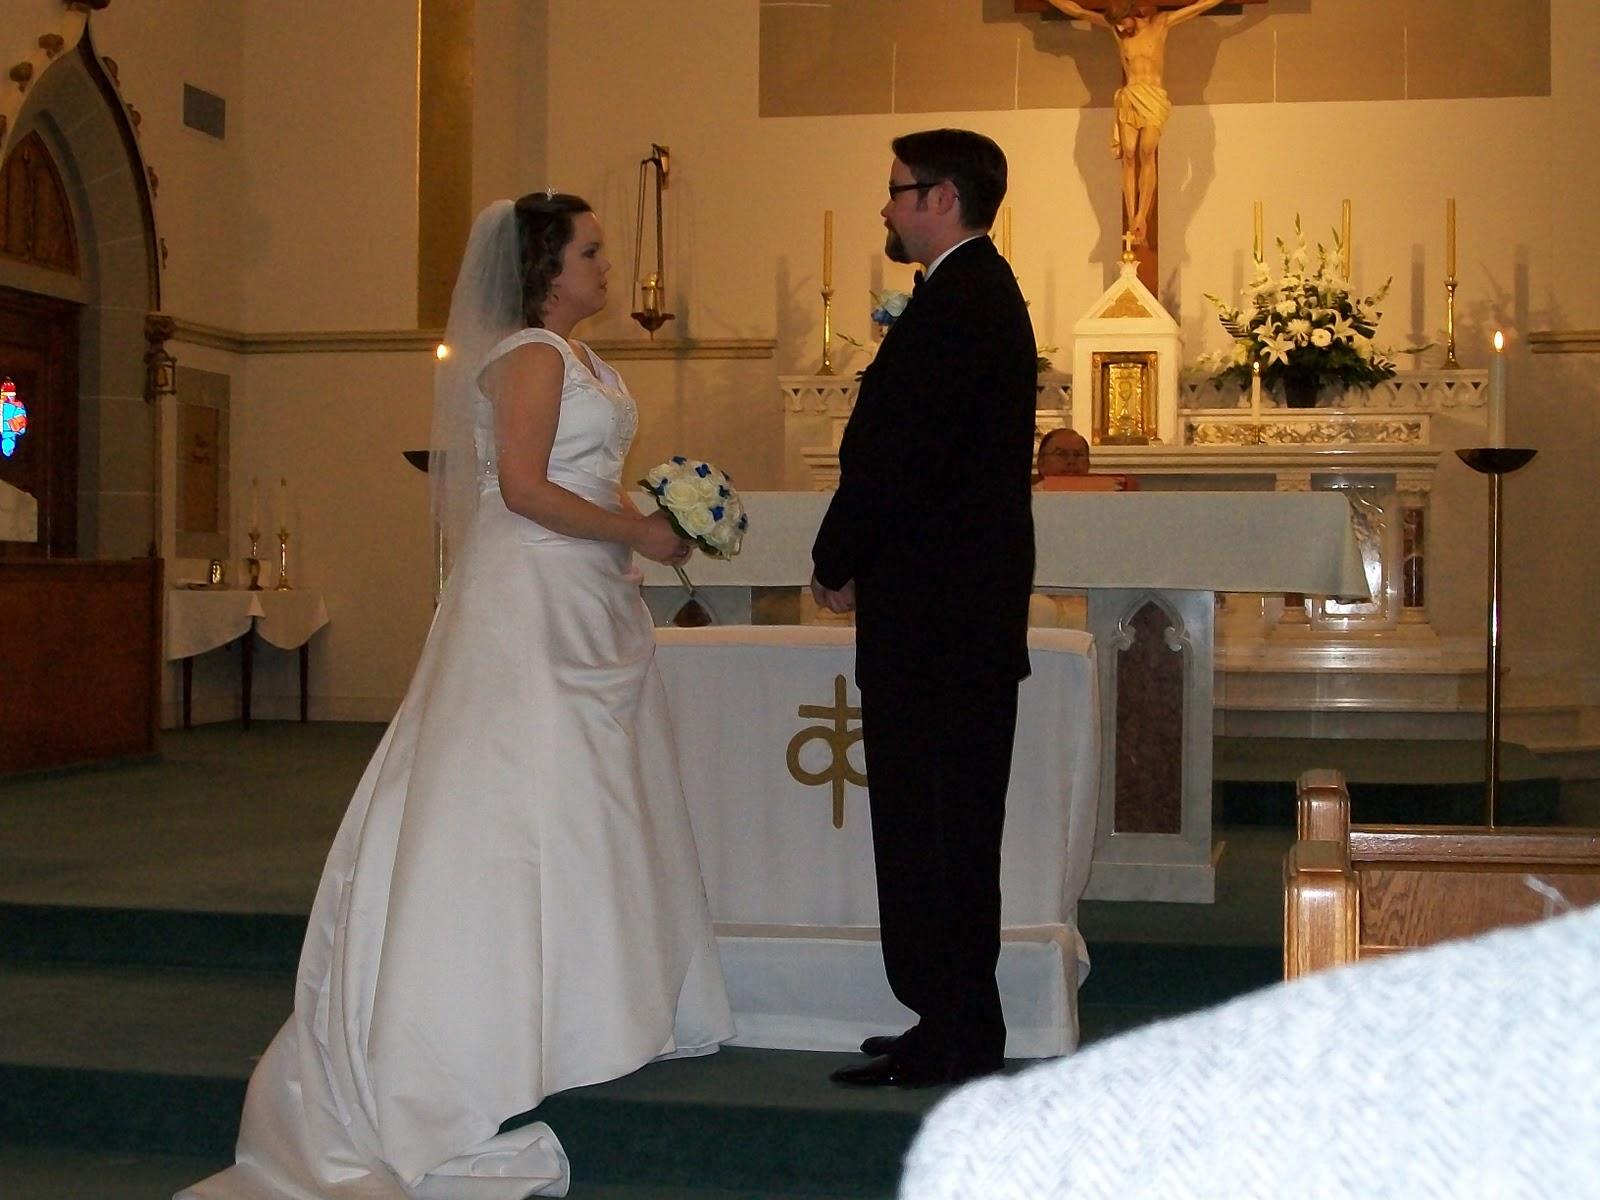 Our Wedding, photos by Joan Moeller - 100_0352.JPG